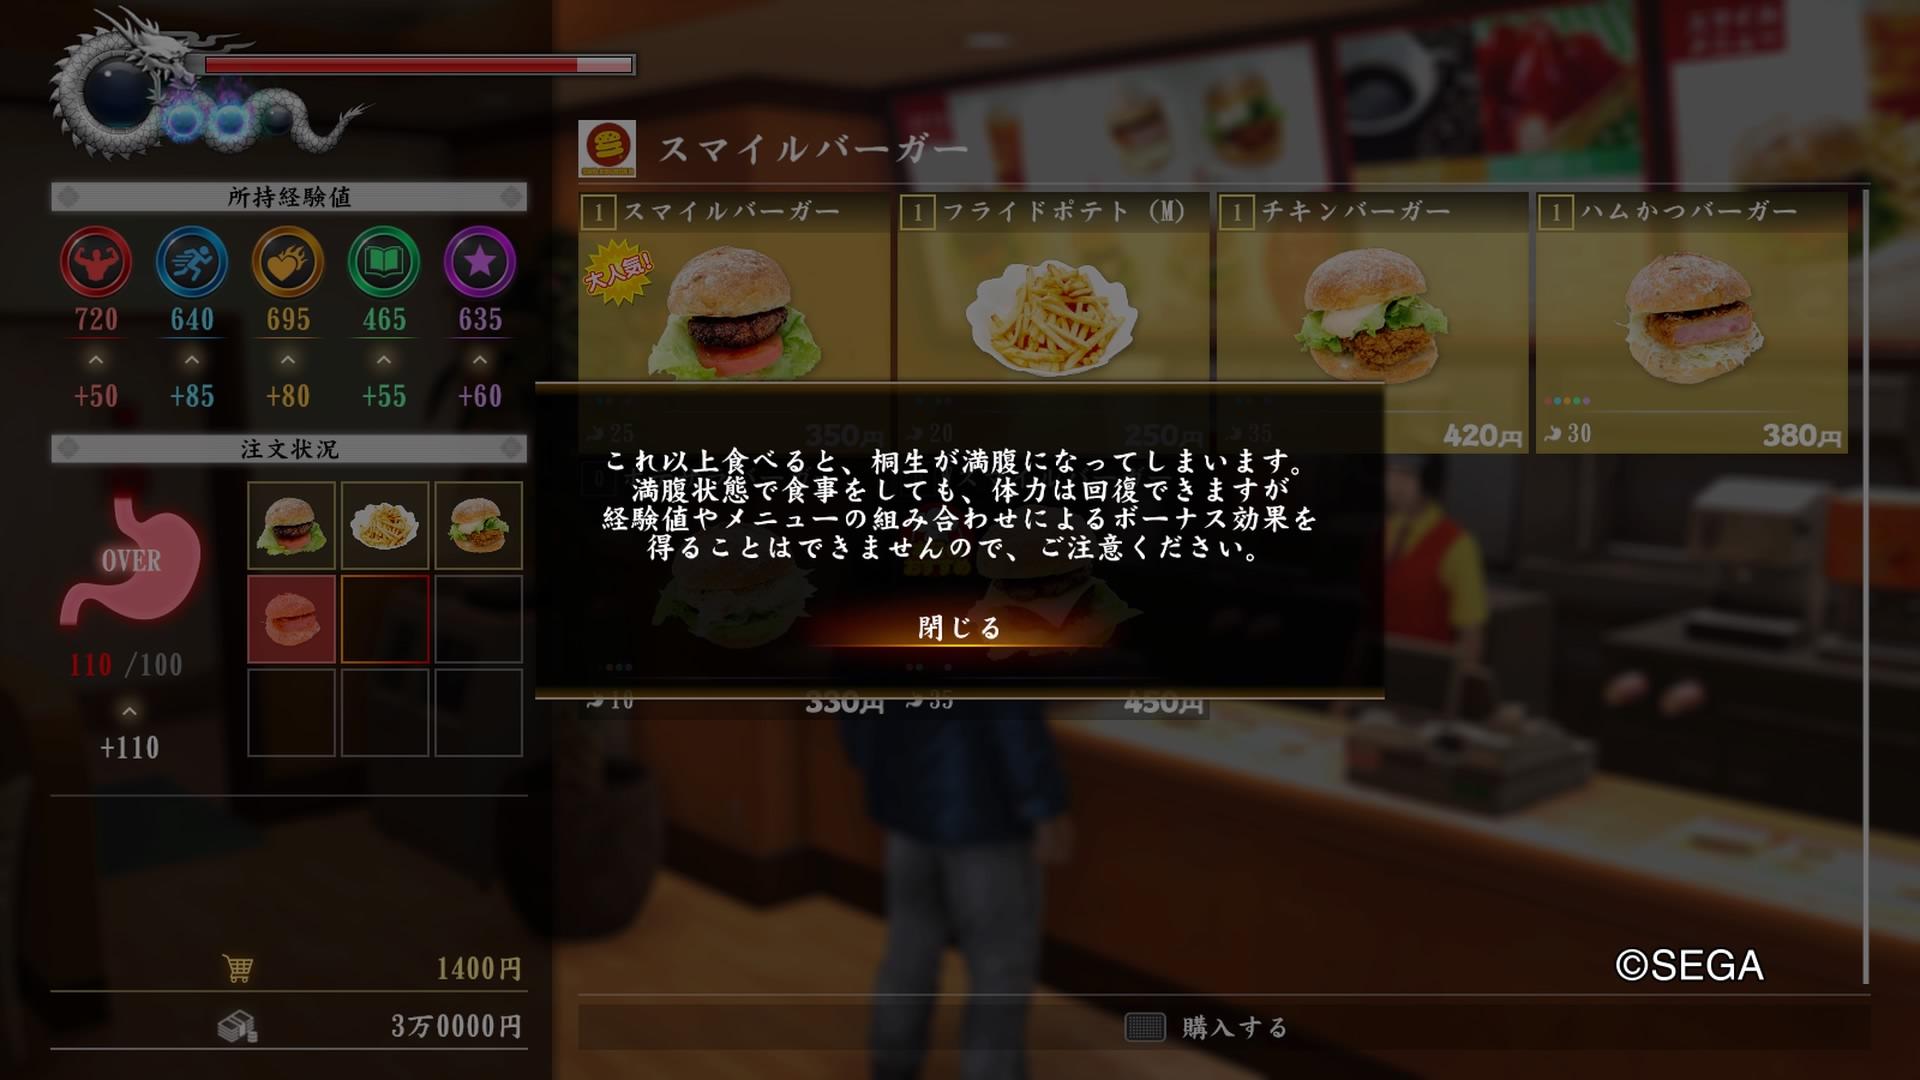 スマイルバーガーでの食事は 今作新たに導入される「空腹」」状態と関係があるようです。